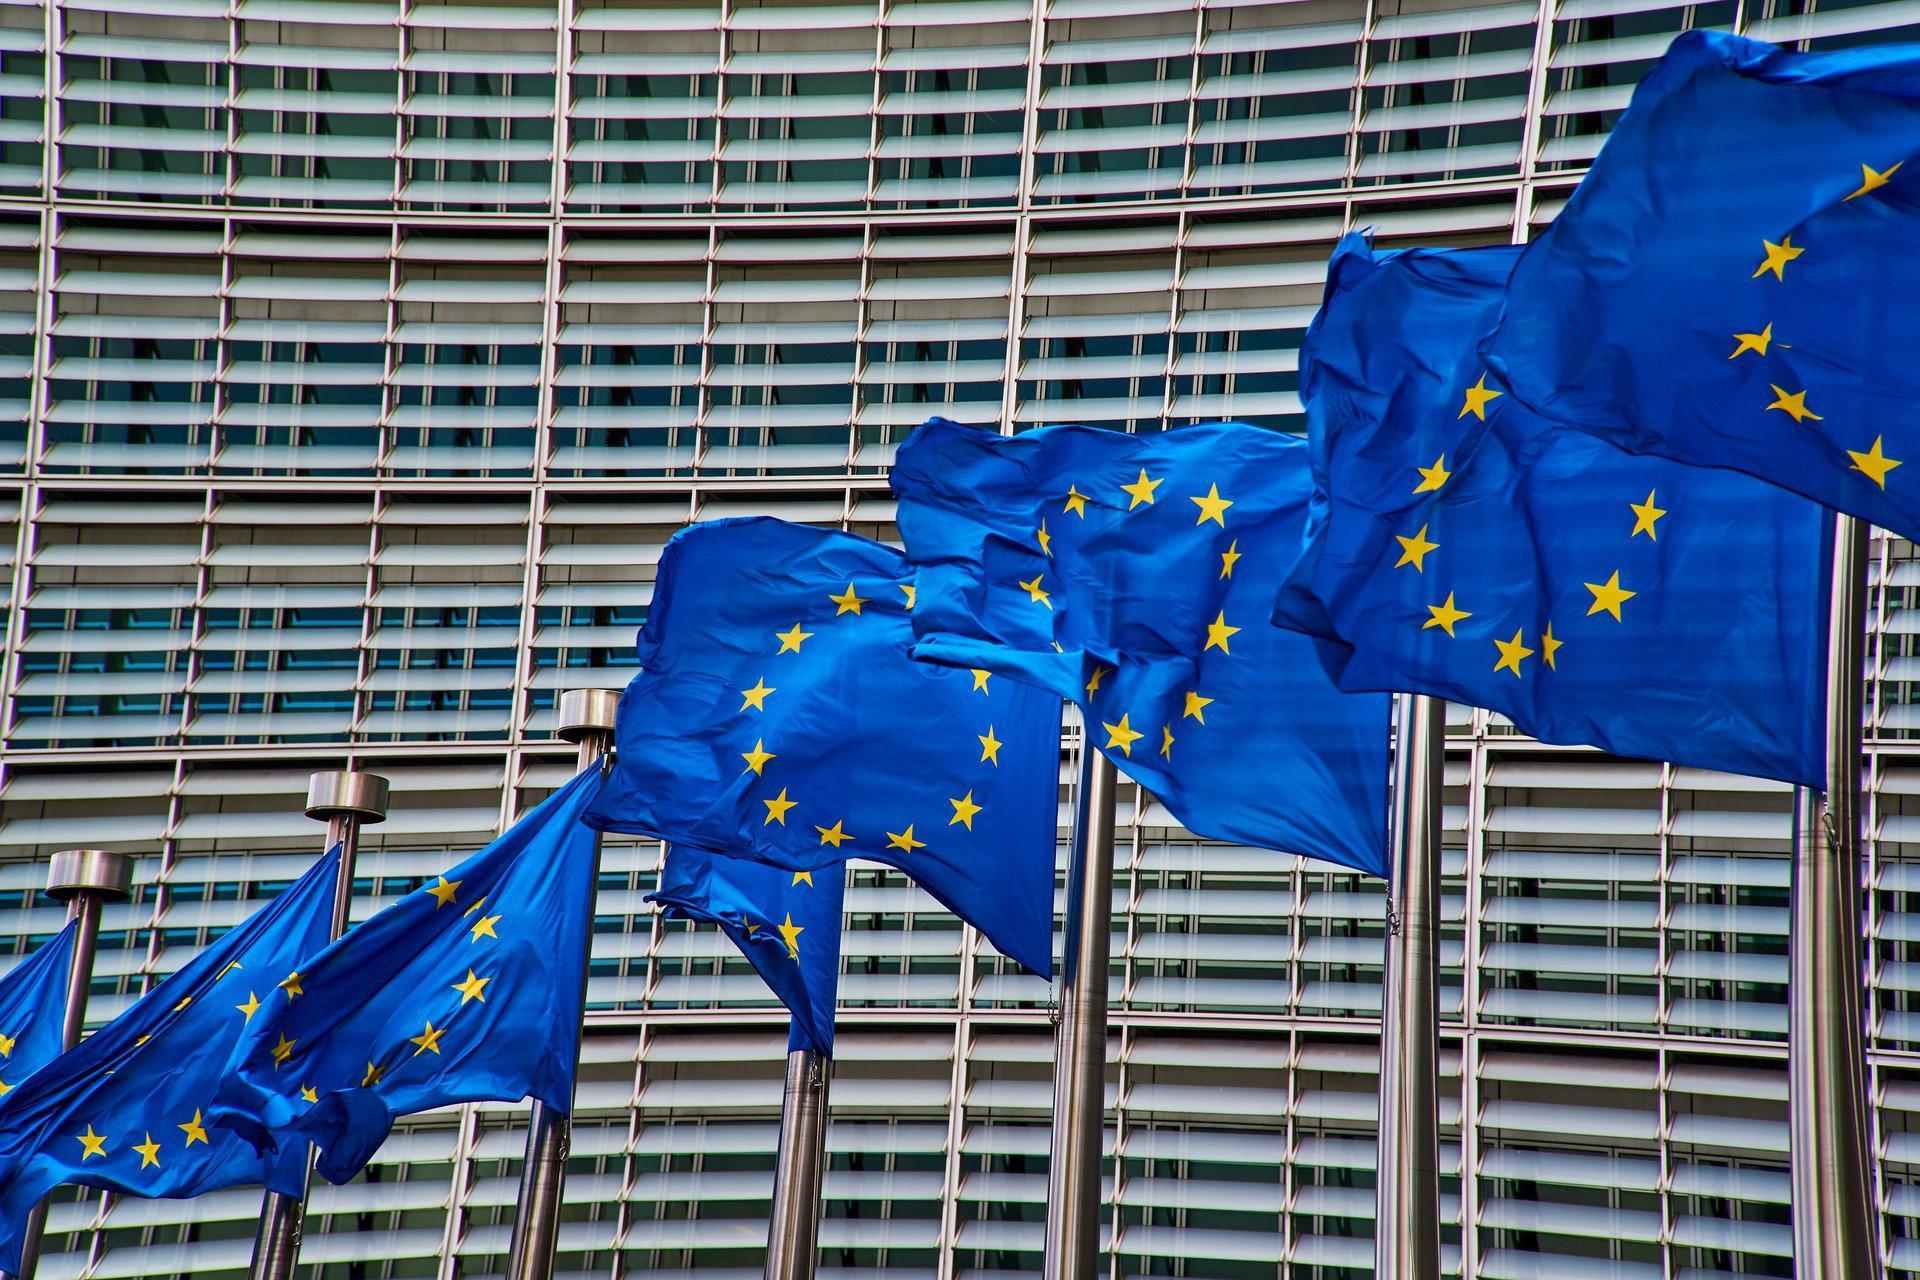 Еврокомиссия подала в суд на Германию за налоговые нарушения